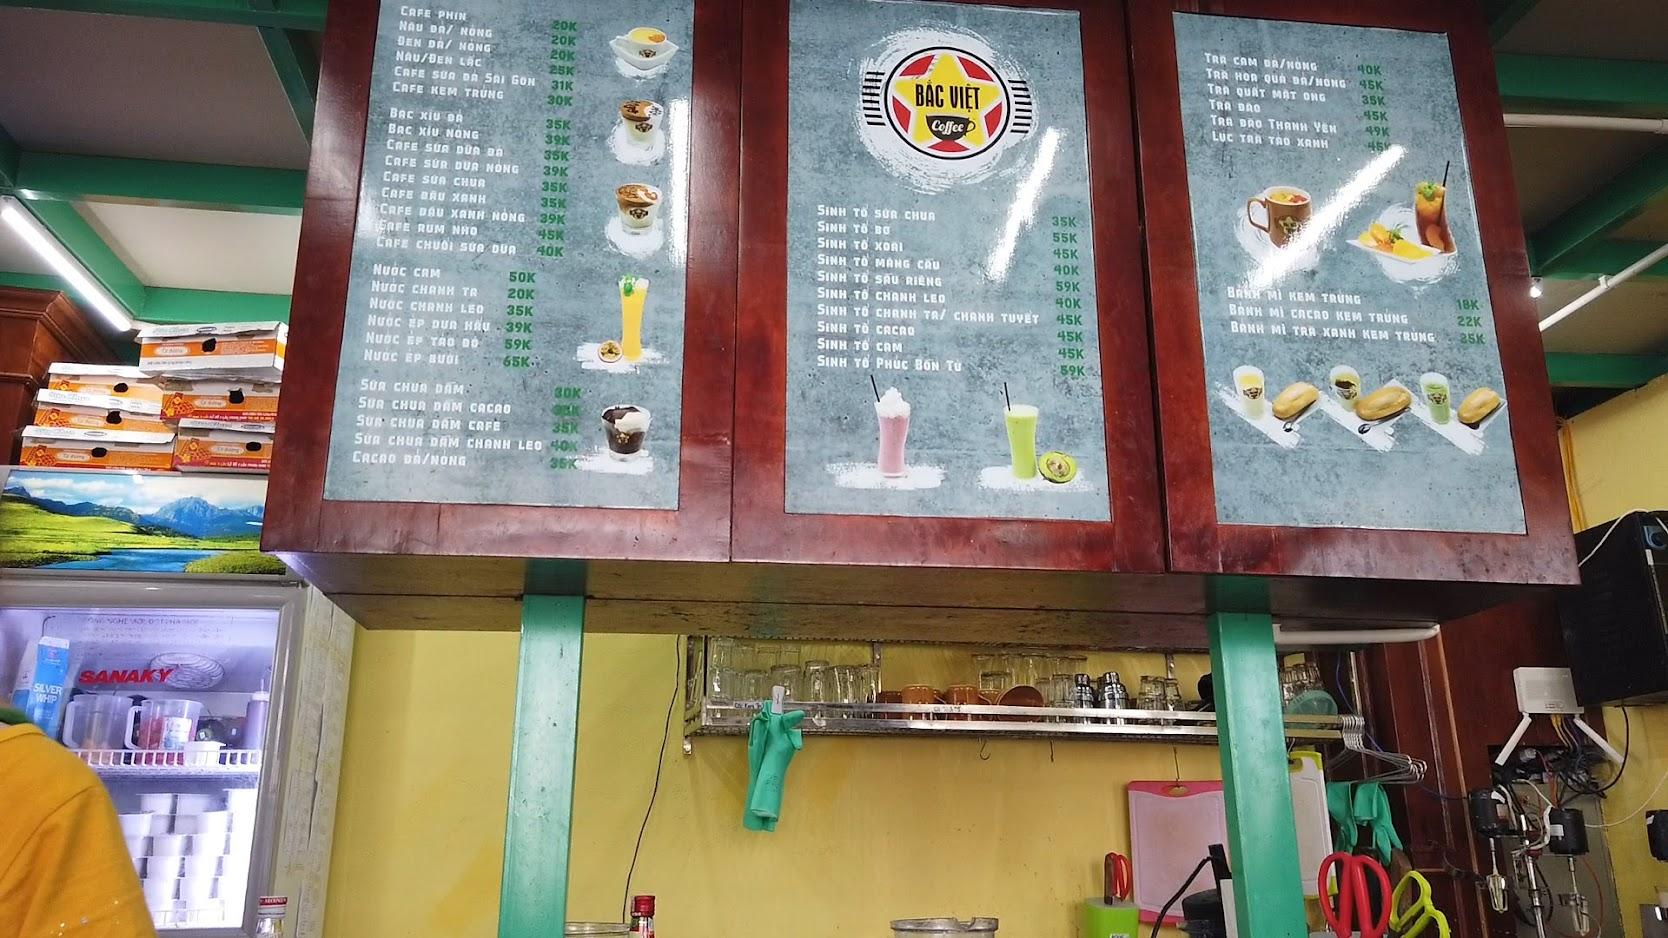 Cà phê view đẹp Bắc Việt phố đi bộ Tam Bạc ở Hải Phòng 6